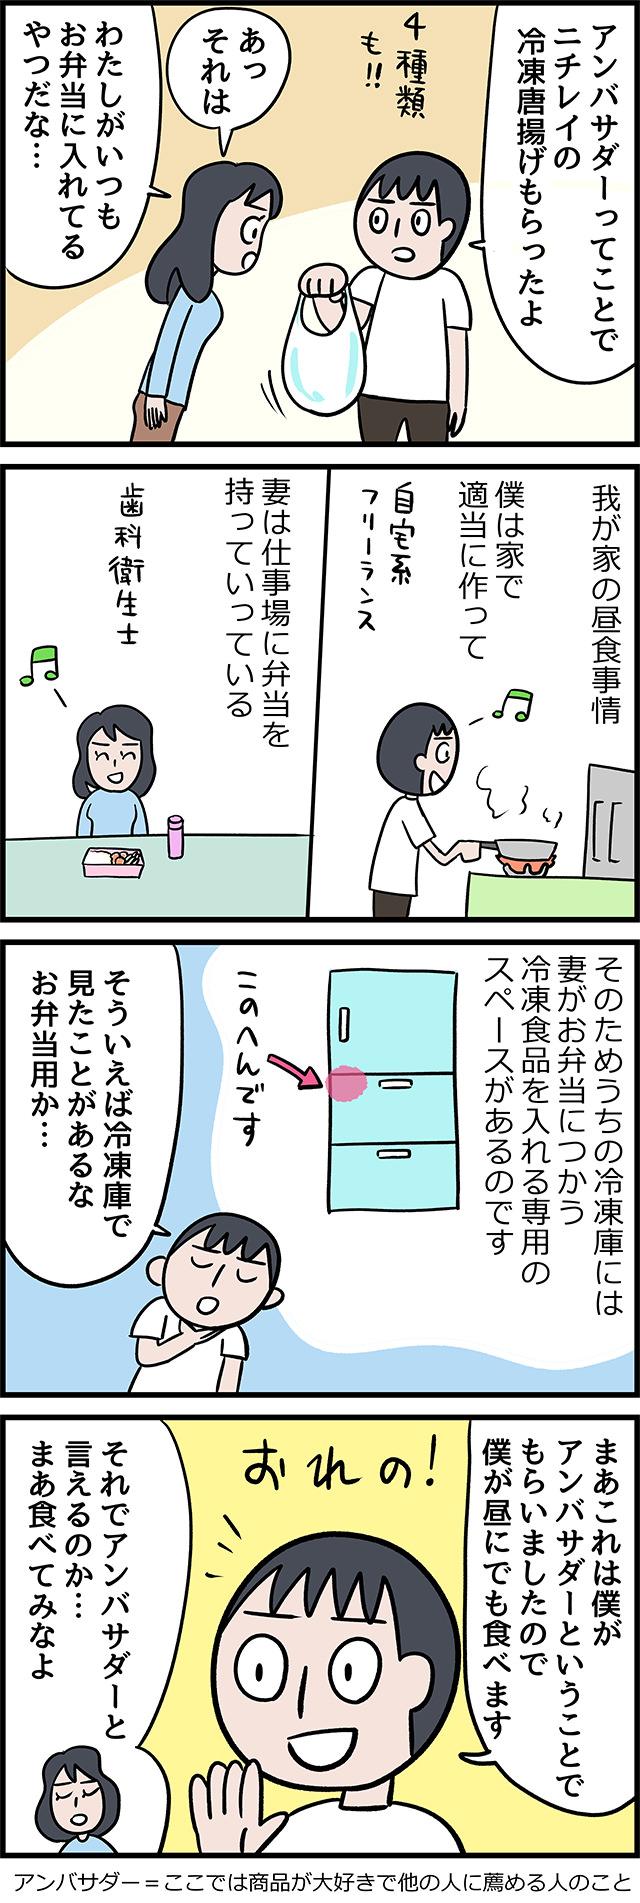 冷凍唐揚げアンバサダー・斎藤さん